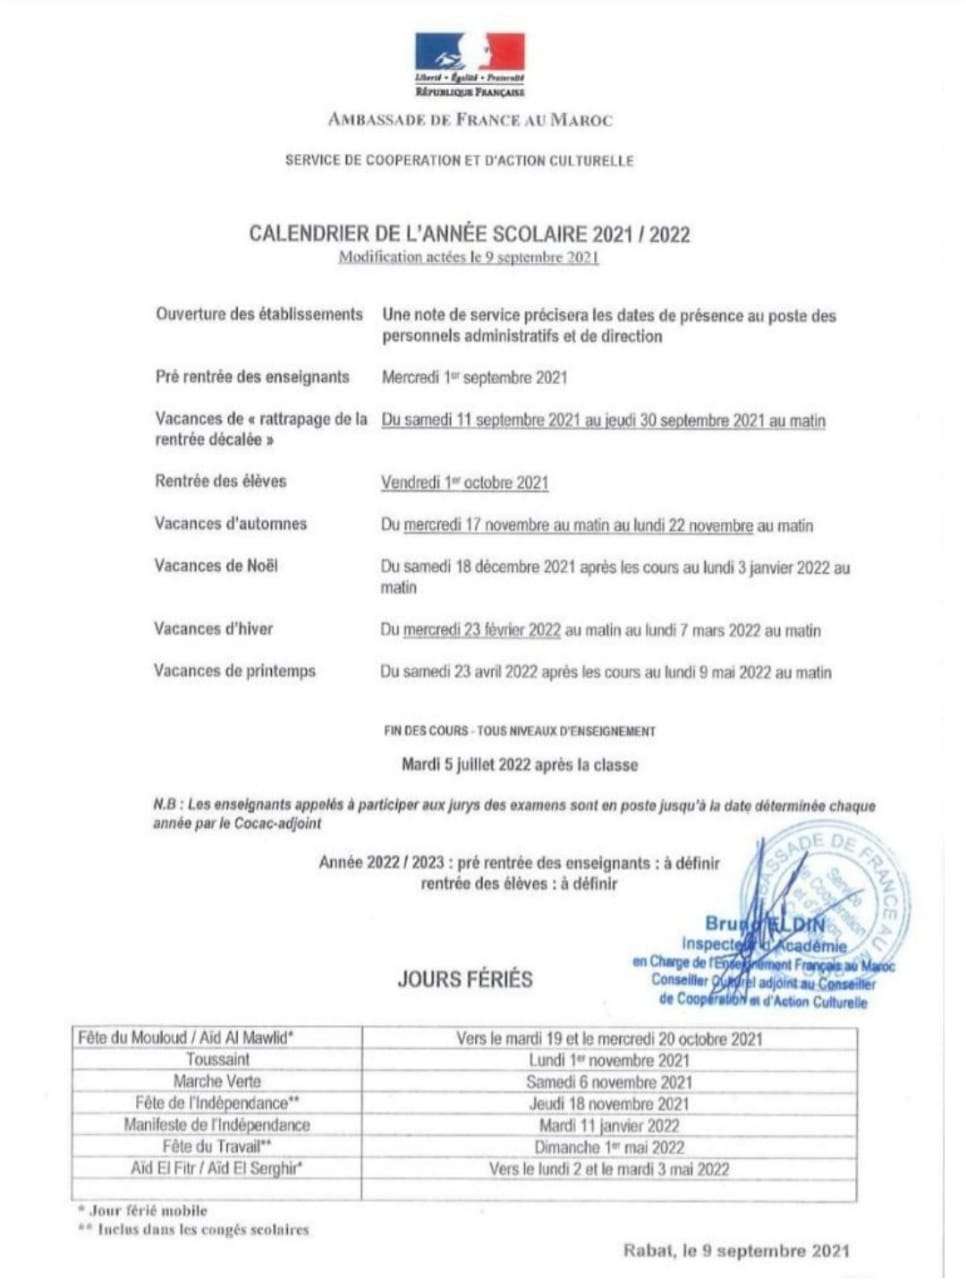 Mission française: L'Ambassade française dévoile le calendrier scolaire